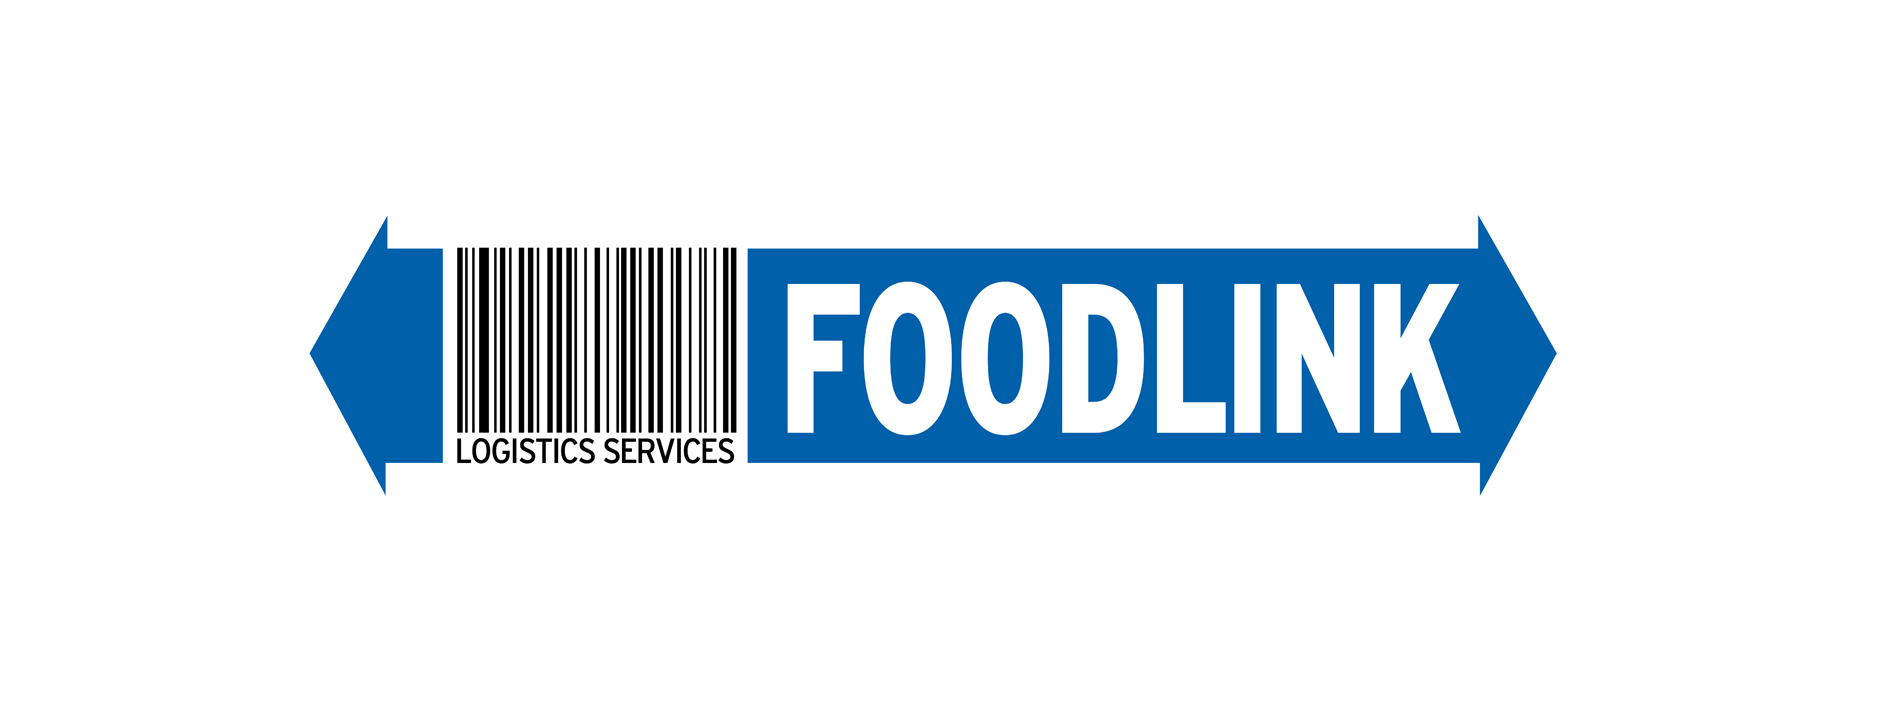 Foodlink_logo1900X600-6